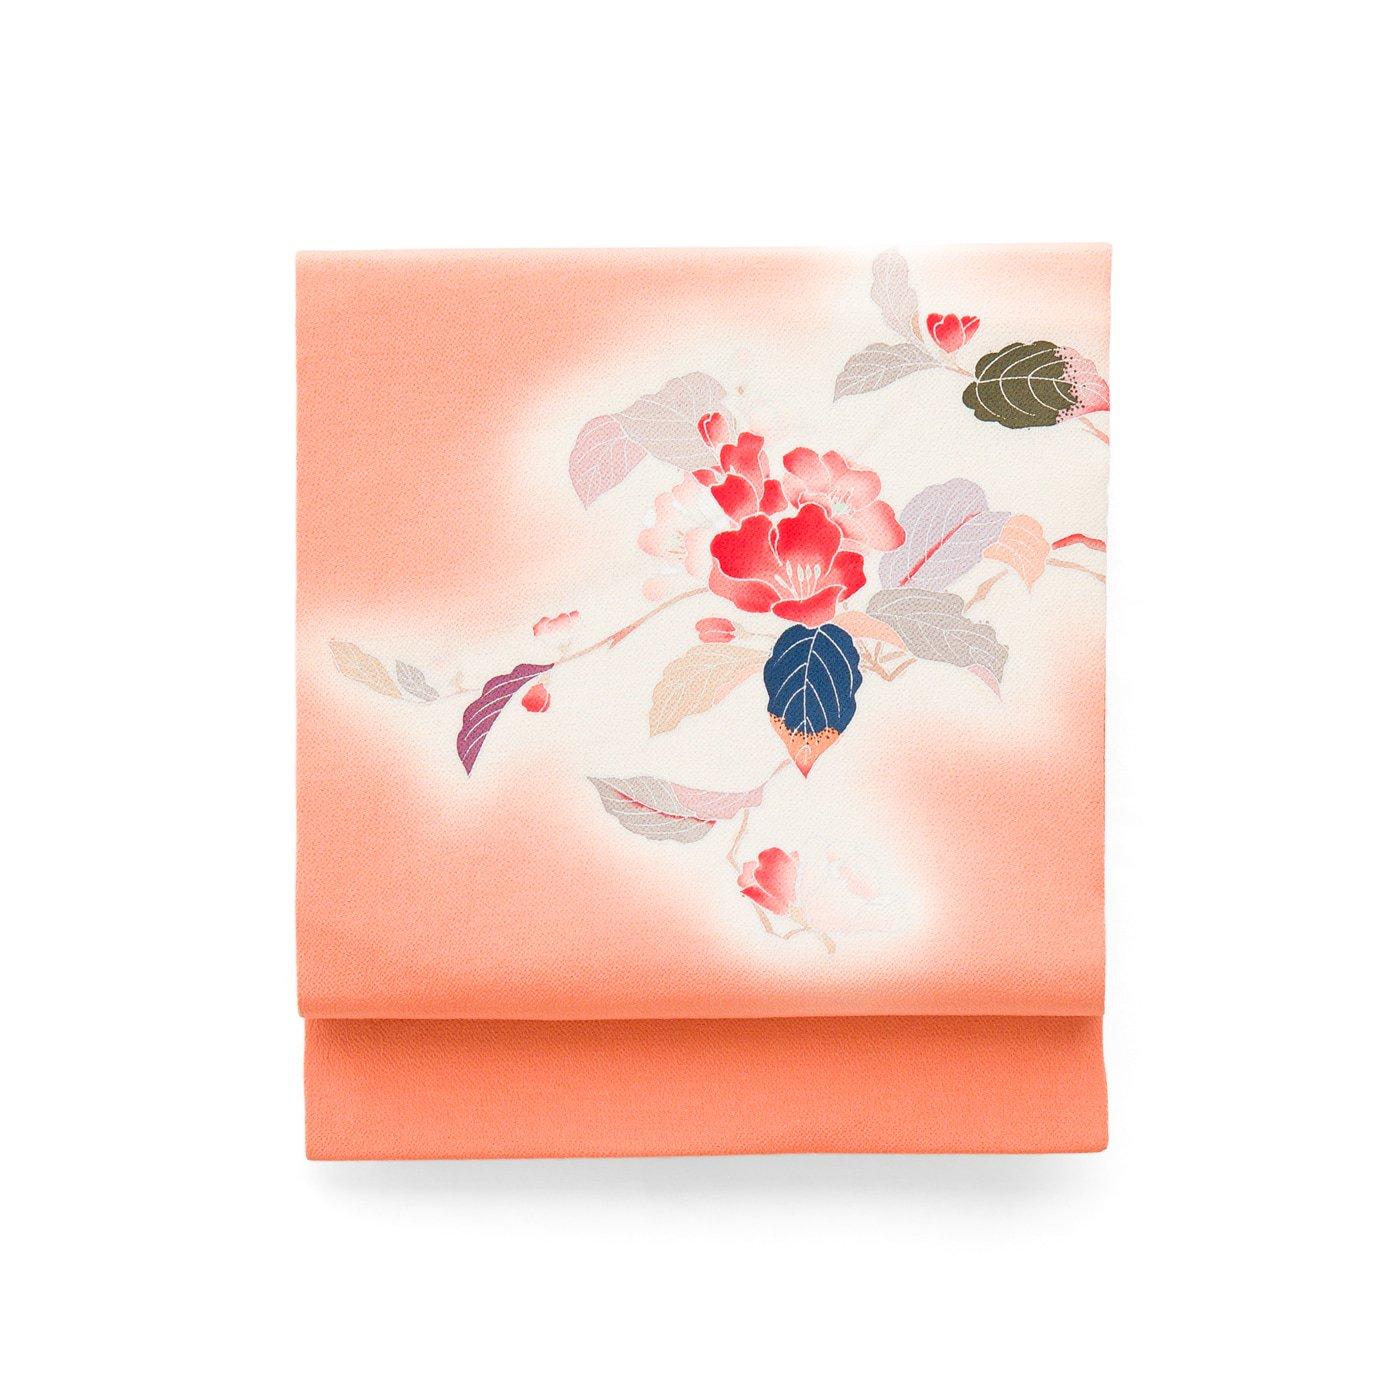 「サーモンピンク 薄赤の花」の商品画像